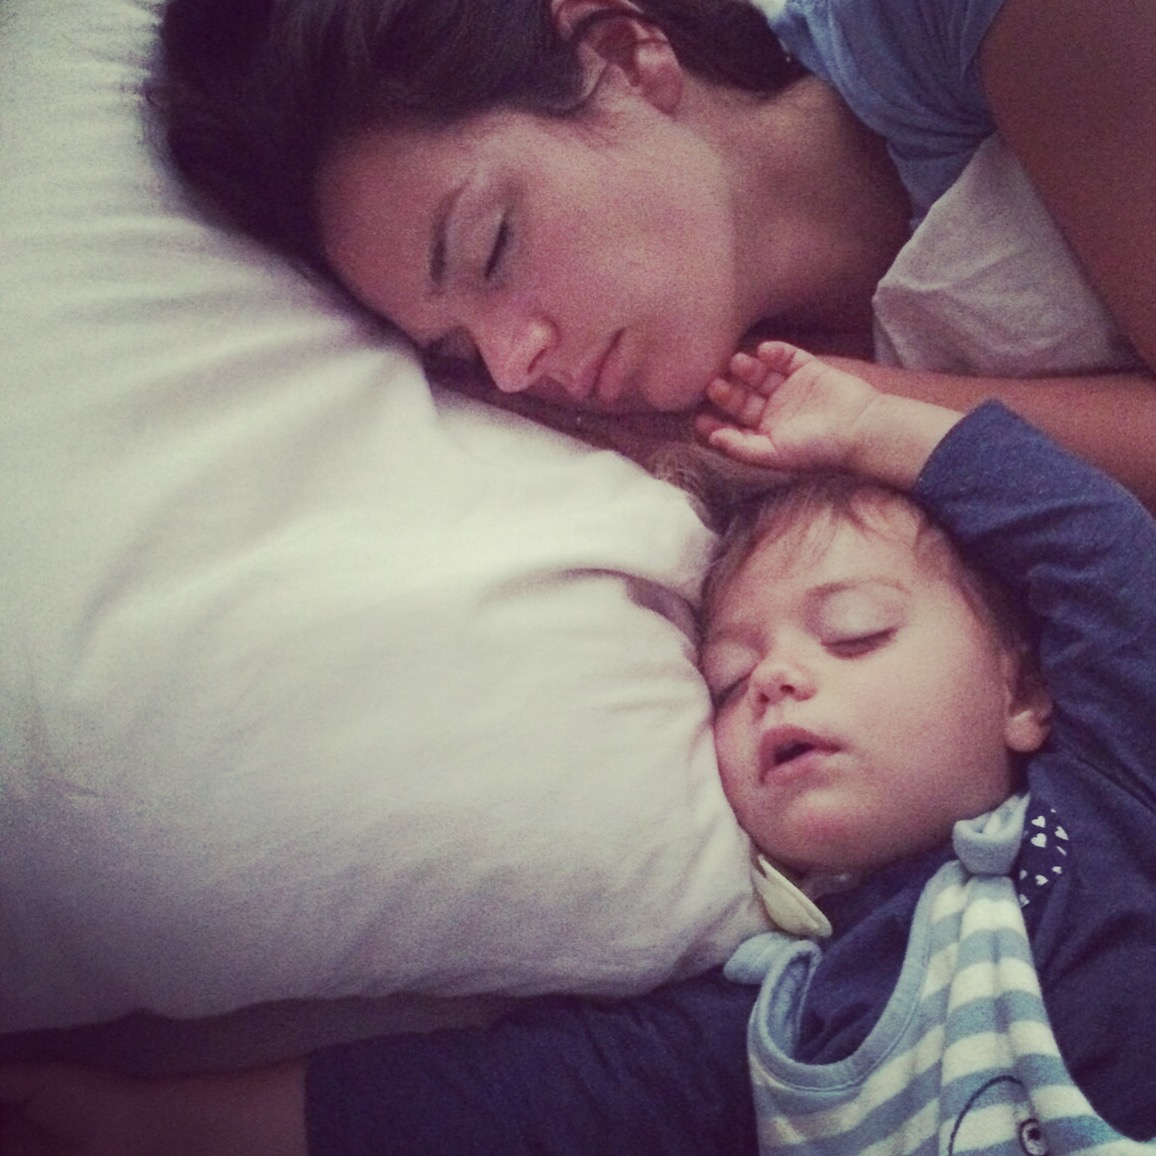 Kolumne, Familienbett und Schlafchaos